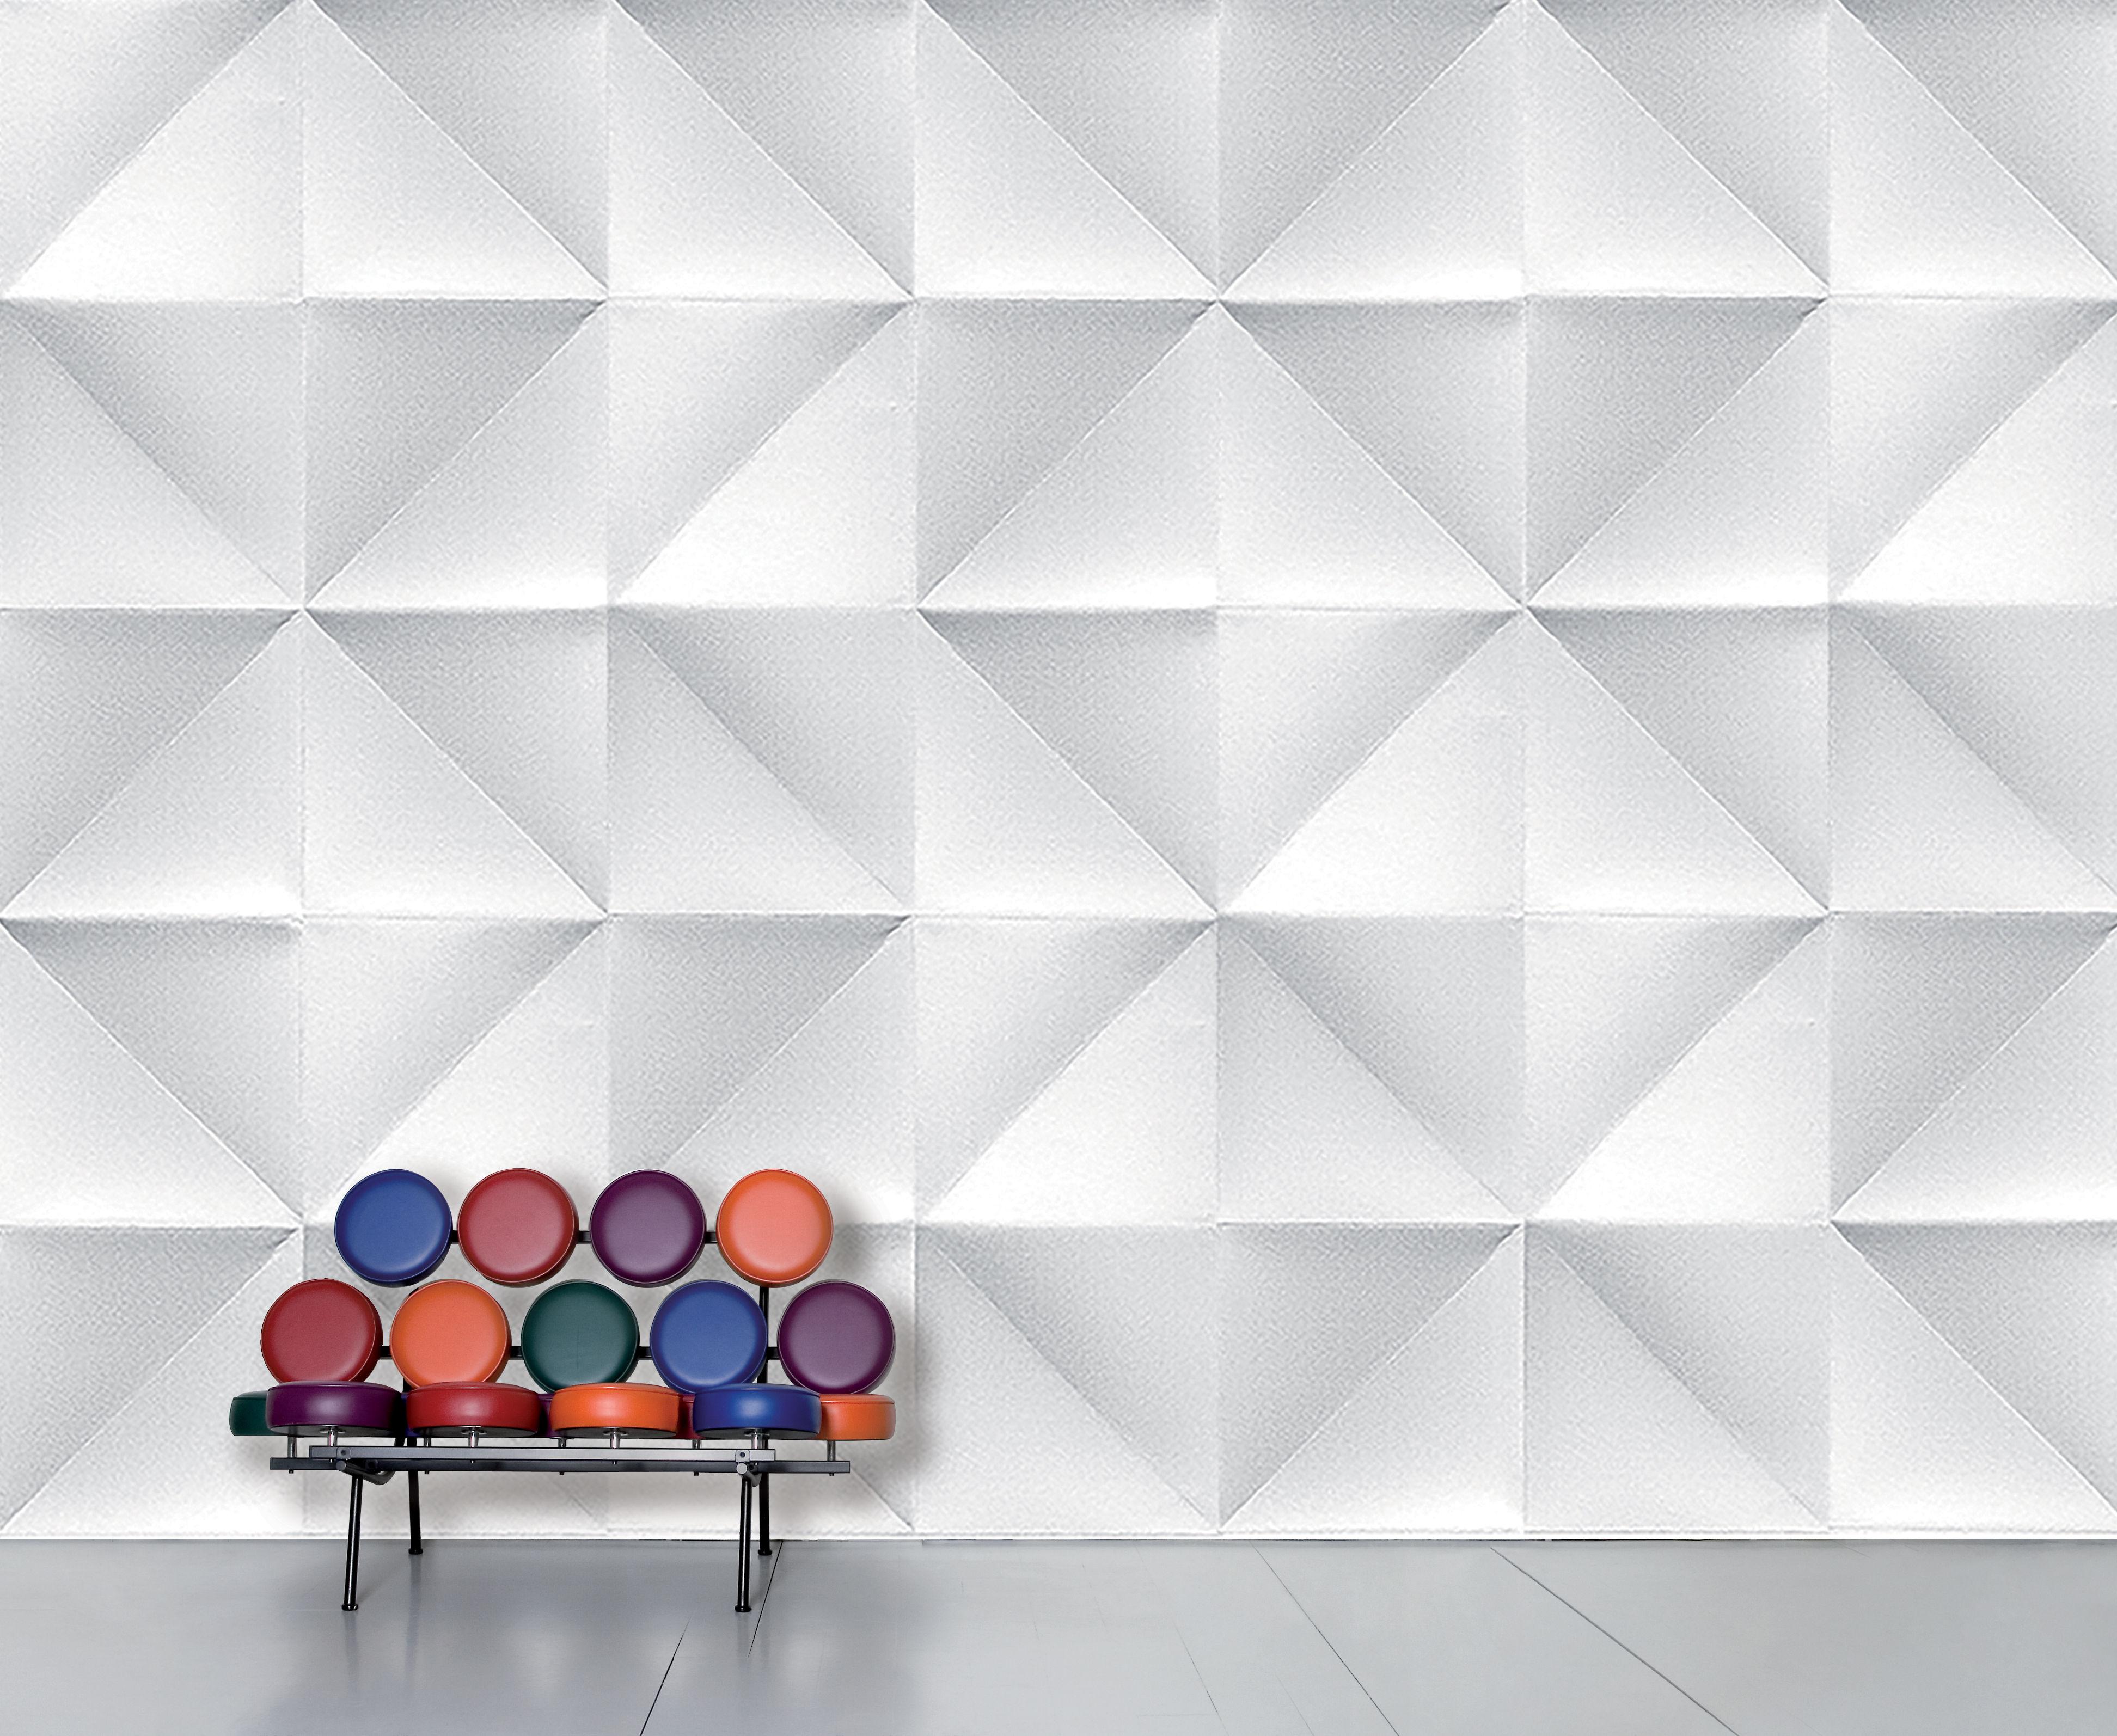 Déco - Stickers, papiers peints & posters - Papier peint panoramique WallpaperLab Floating / 8 lés - L 372 x H 300 cm - Domestic - Blanc & gris - Papier intissé